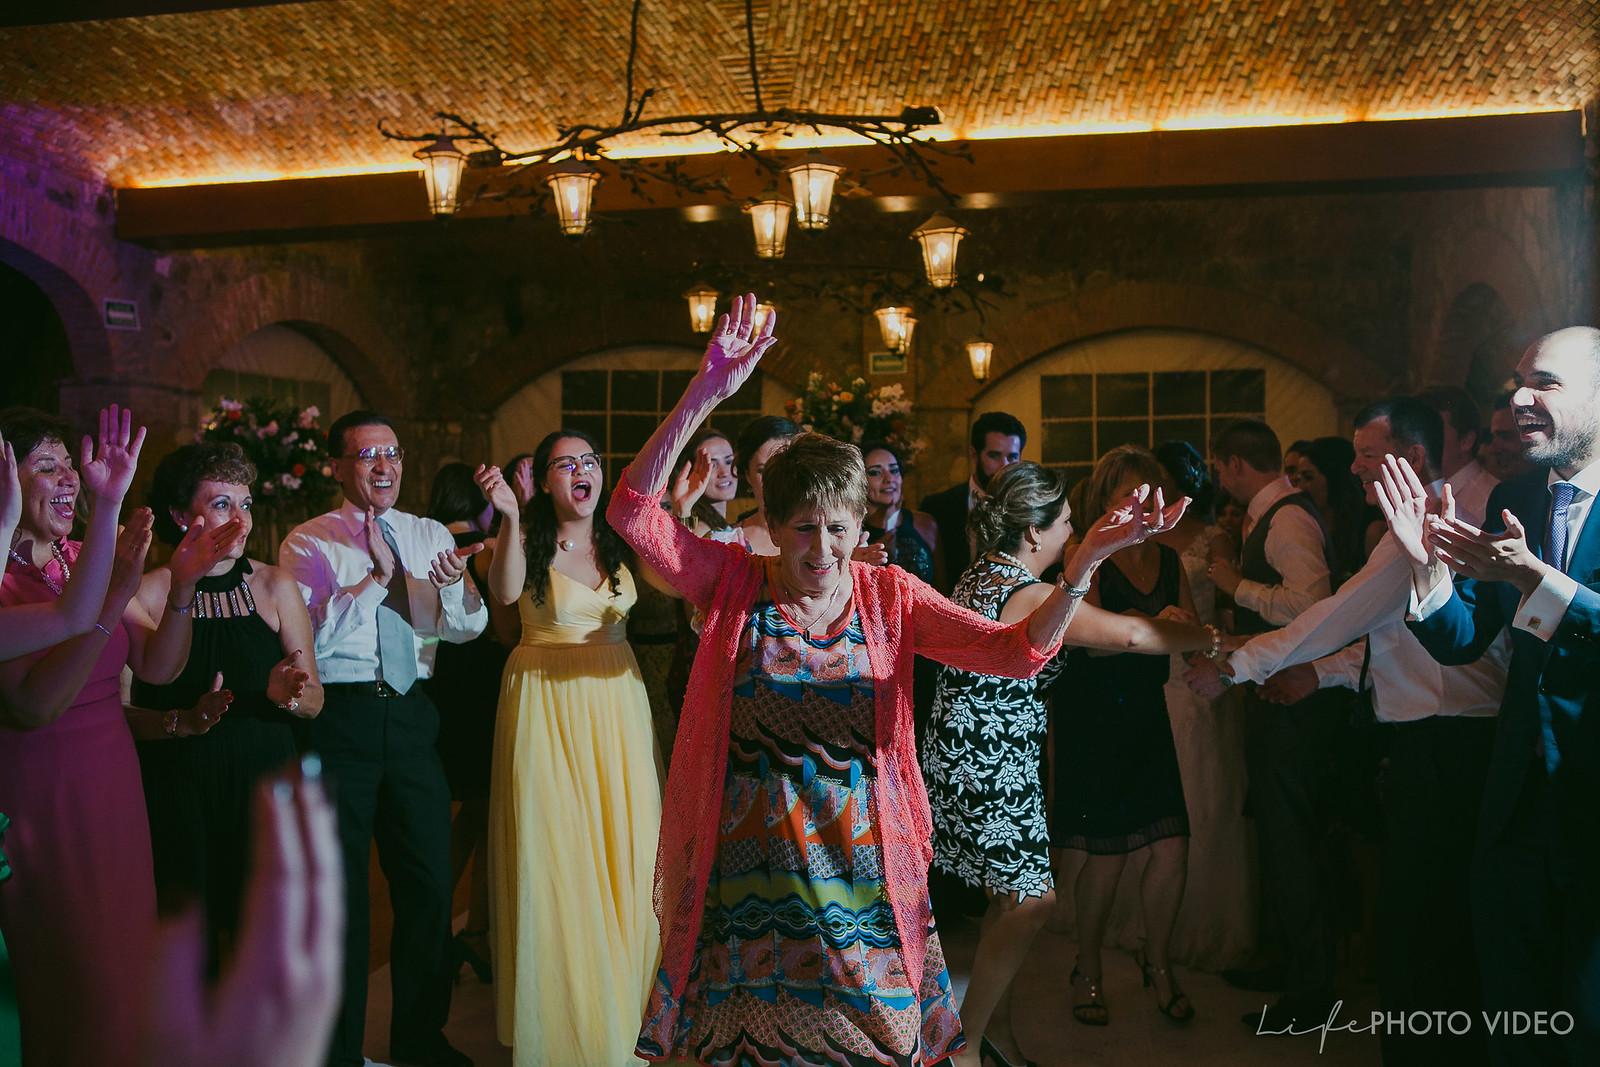 LifePhotoVideo_Boda_LeonGto_Wedding_0011.jpg